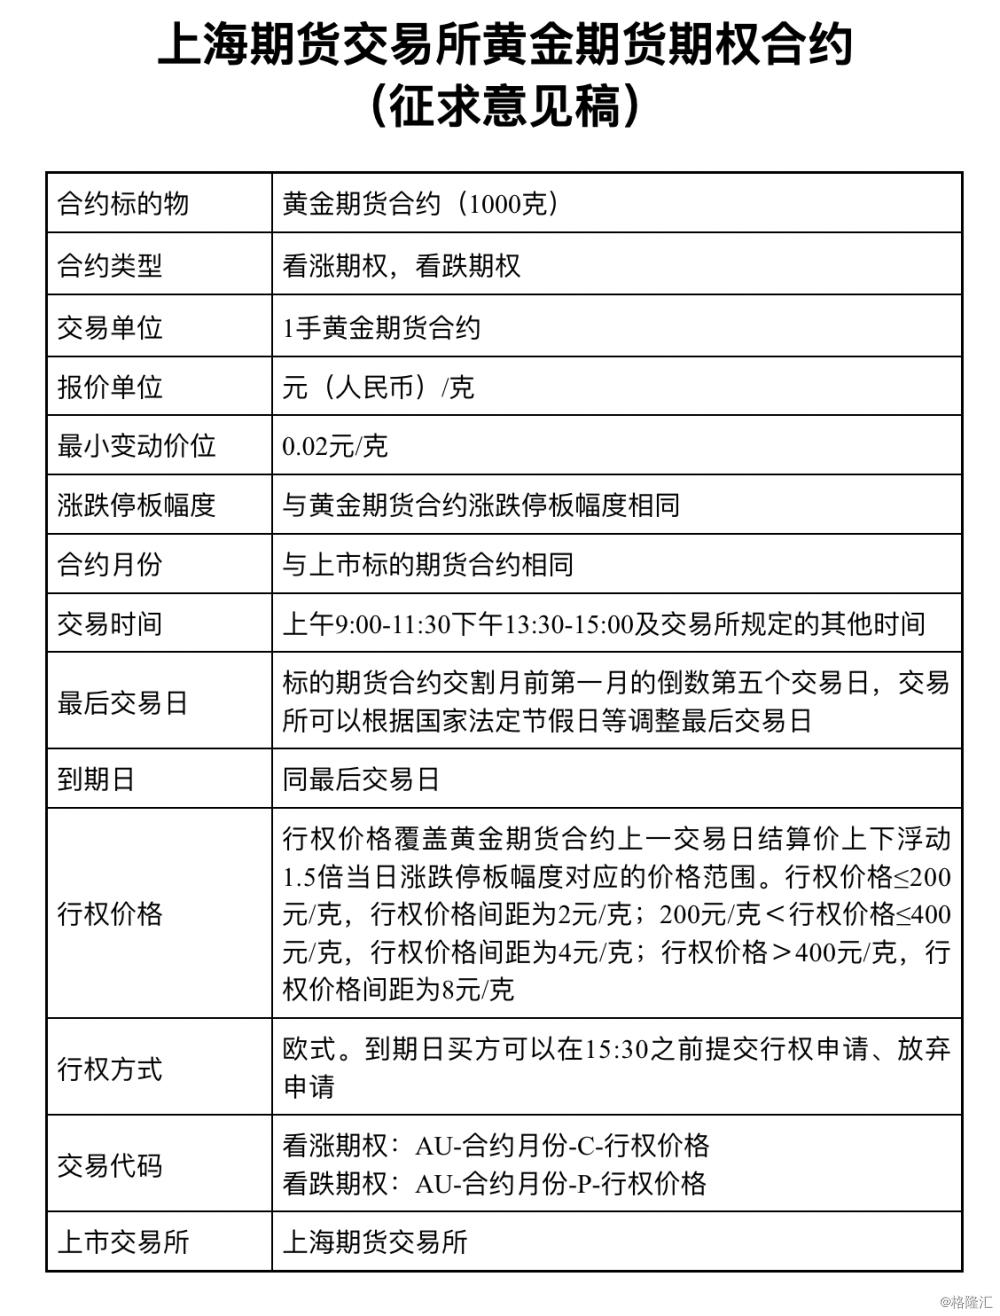 上海期货交易所就黄金期权合约公开征求意见的公告